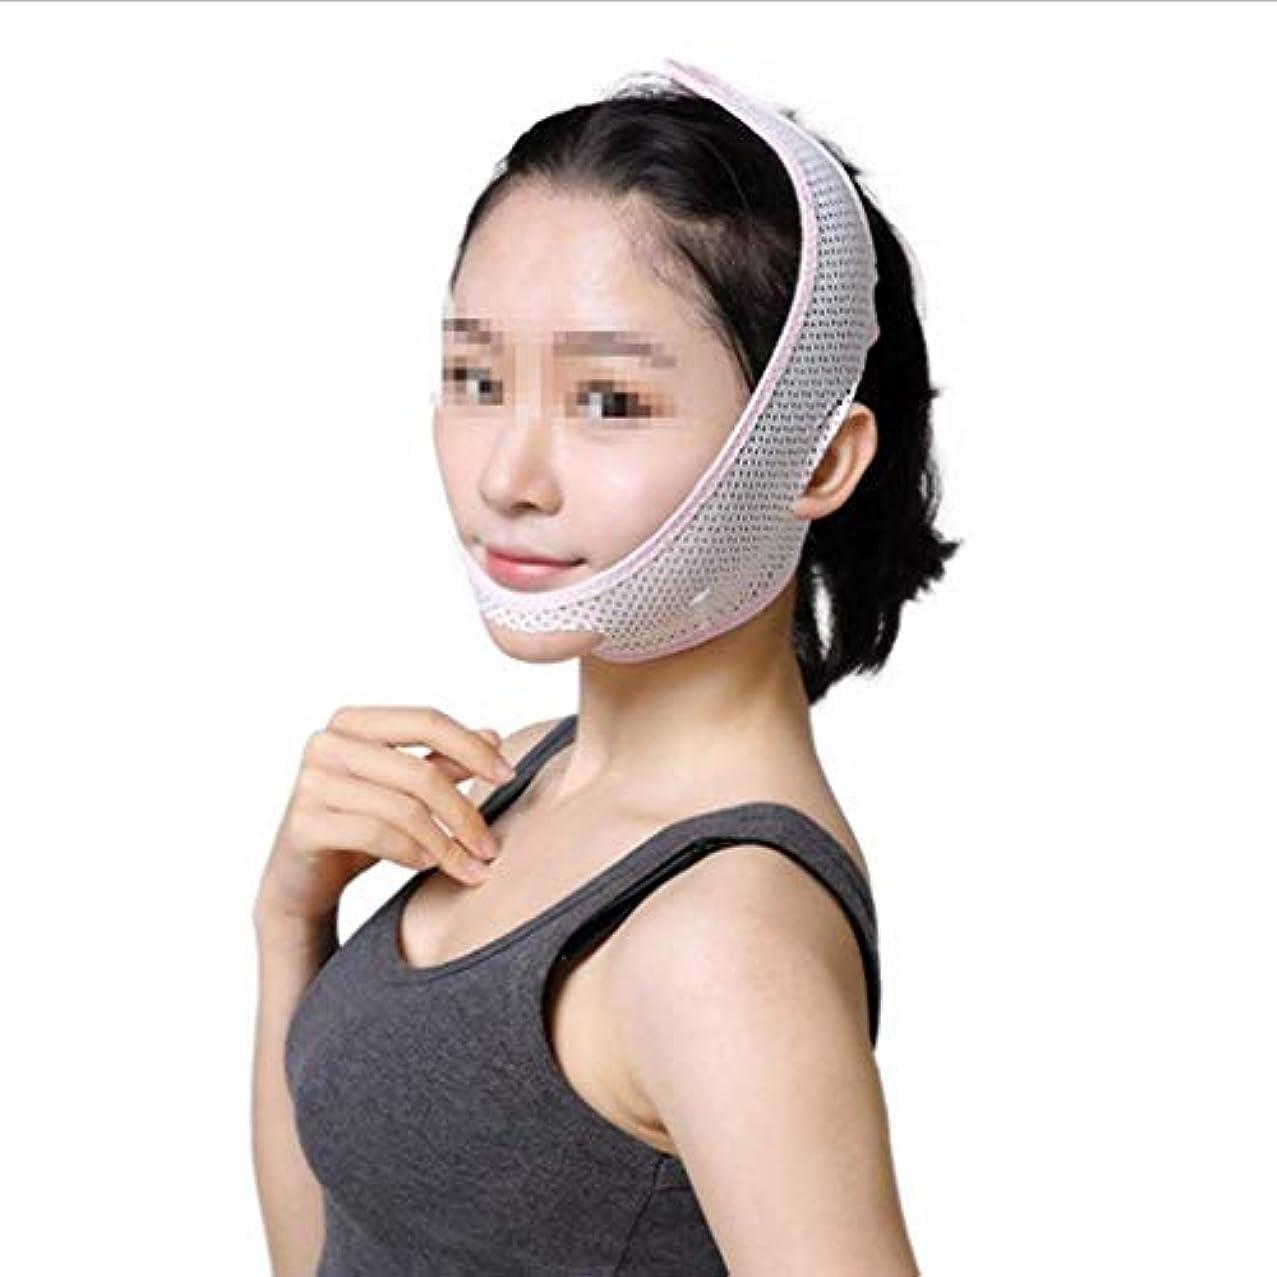 光沢のある定期的一生Slim身Vフェイスマスク、超薄型通気性フェイスマスク、包帯Vフェイスマスクフェイスリフティングファーミングダブルチンシンフェイスベルト(サイズ:M)